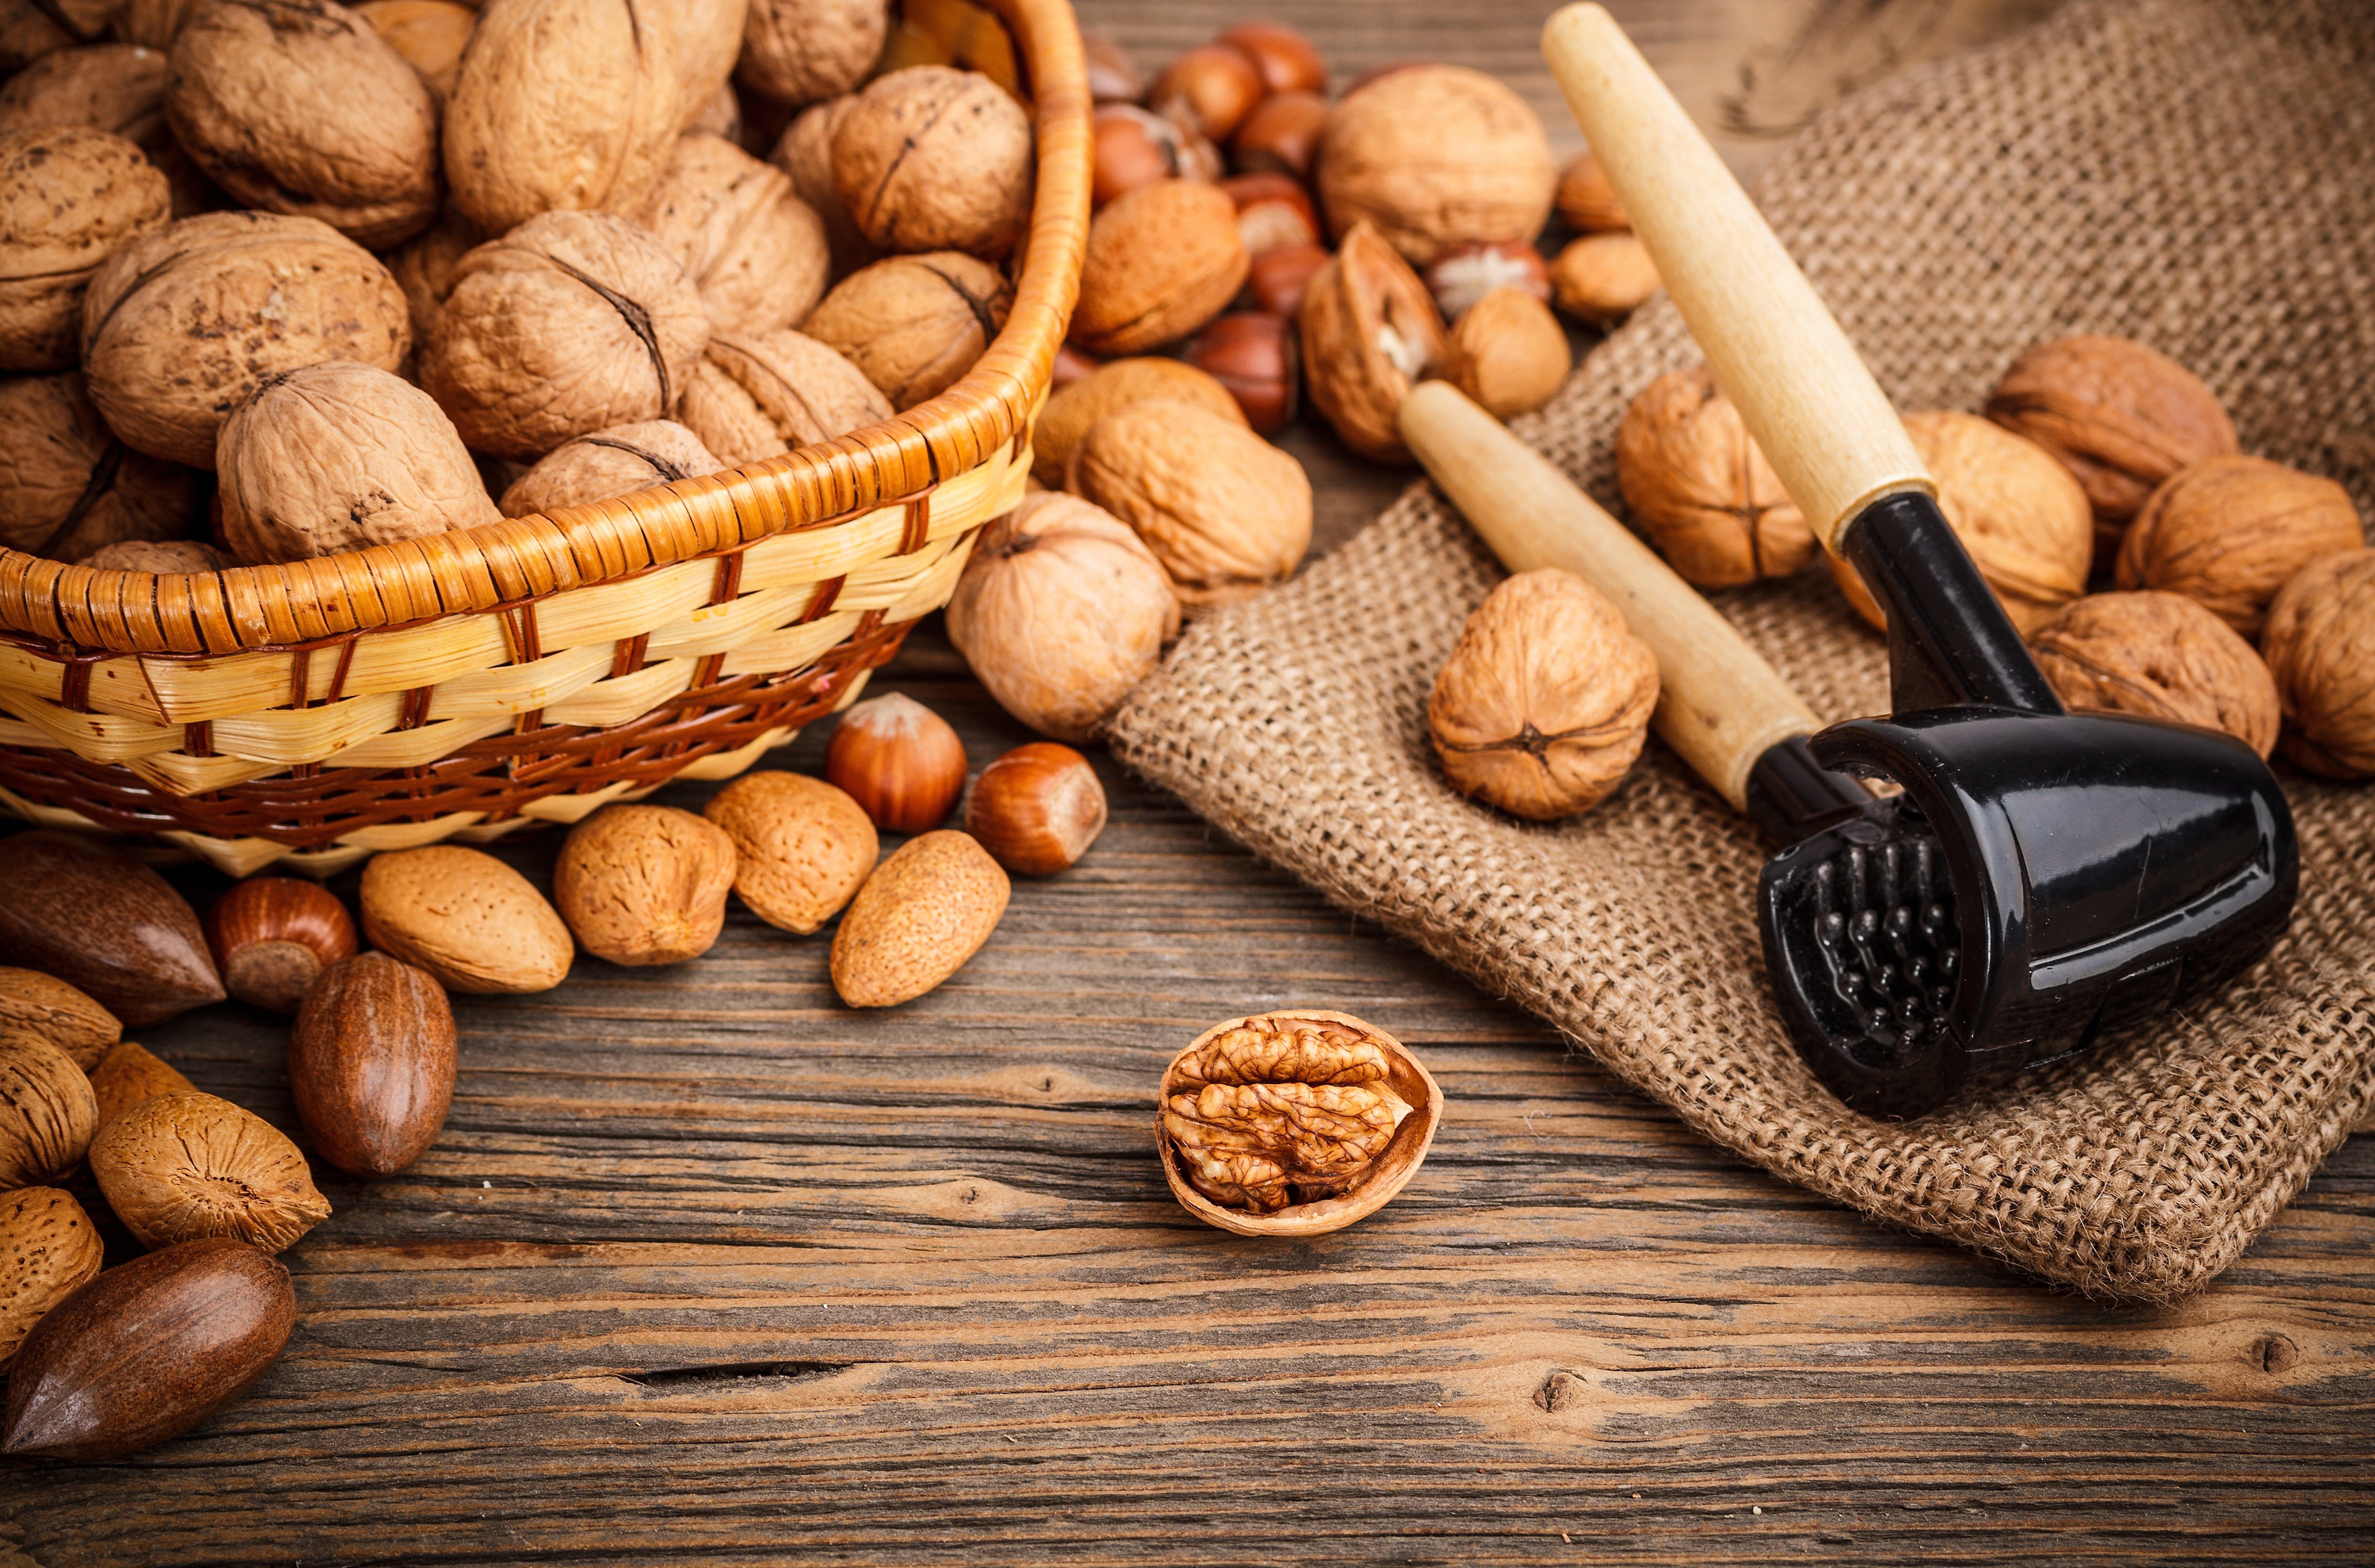 Almonds hazelnuts walnuts muts 8480x5600 2